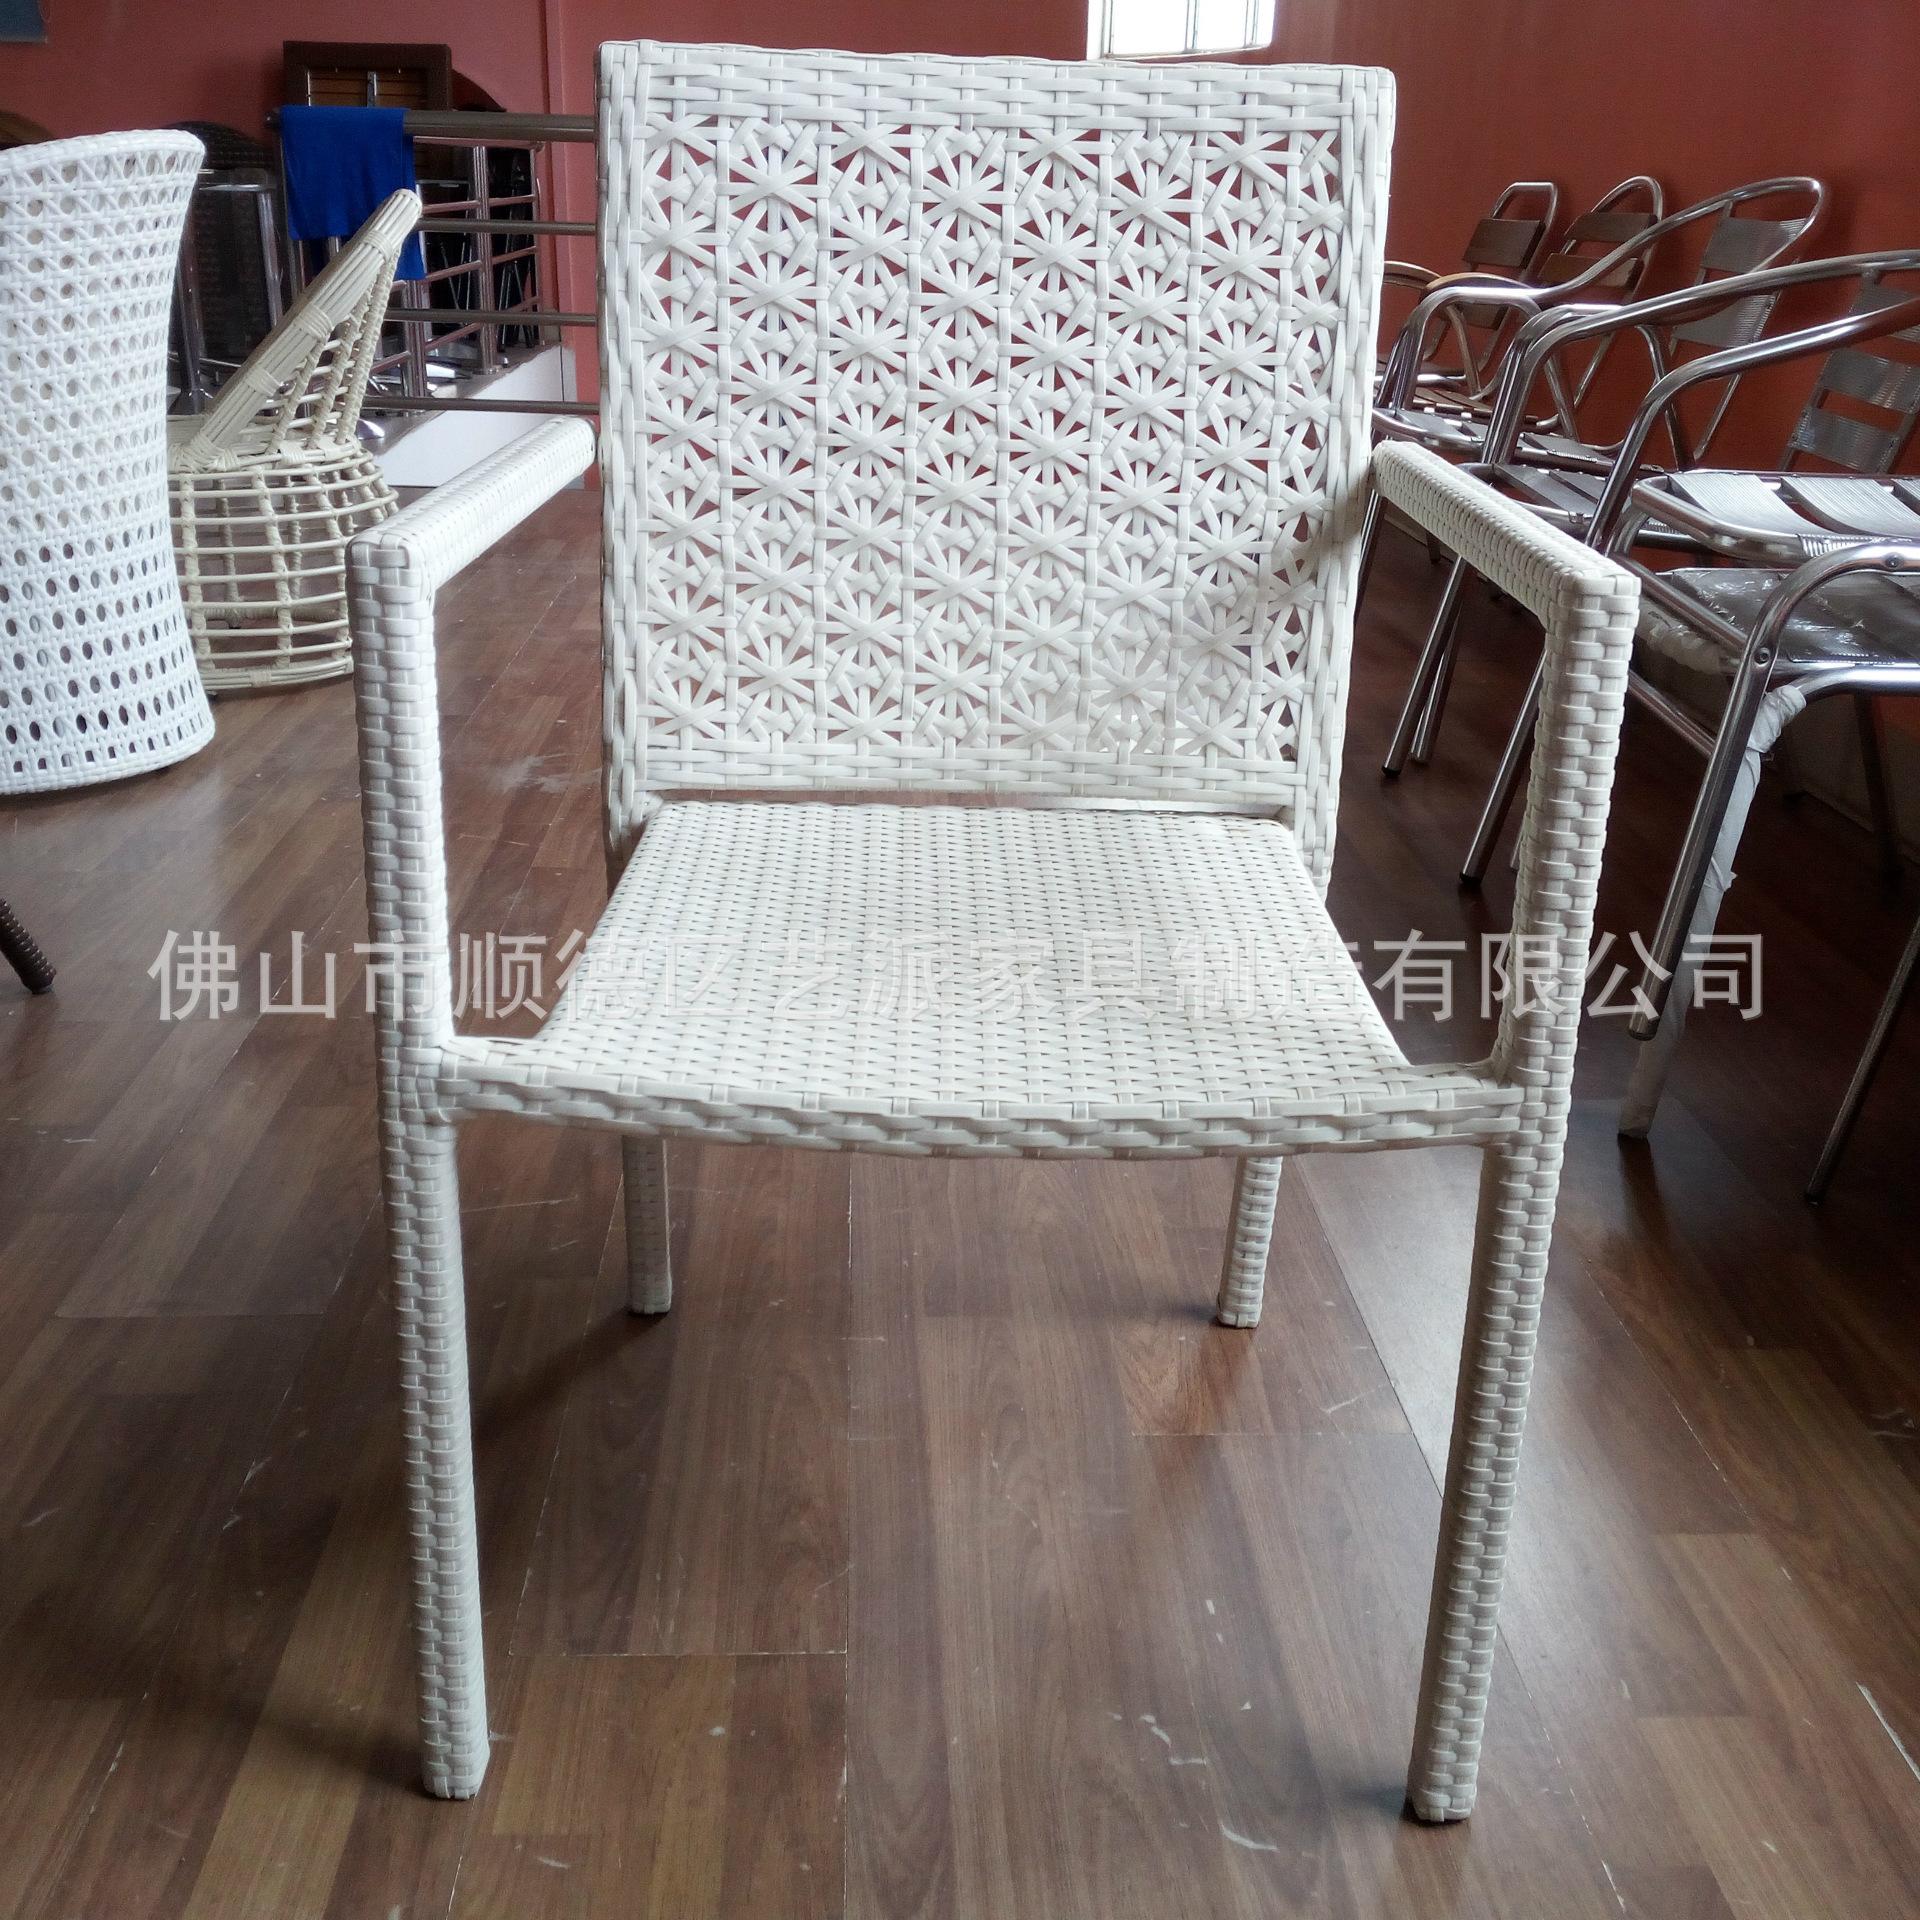 户外室内通用白色编花藤椅 西餐厅咖啡店奶茶店简约休闲餐椅G